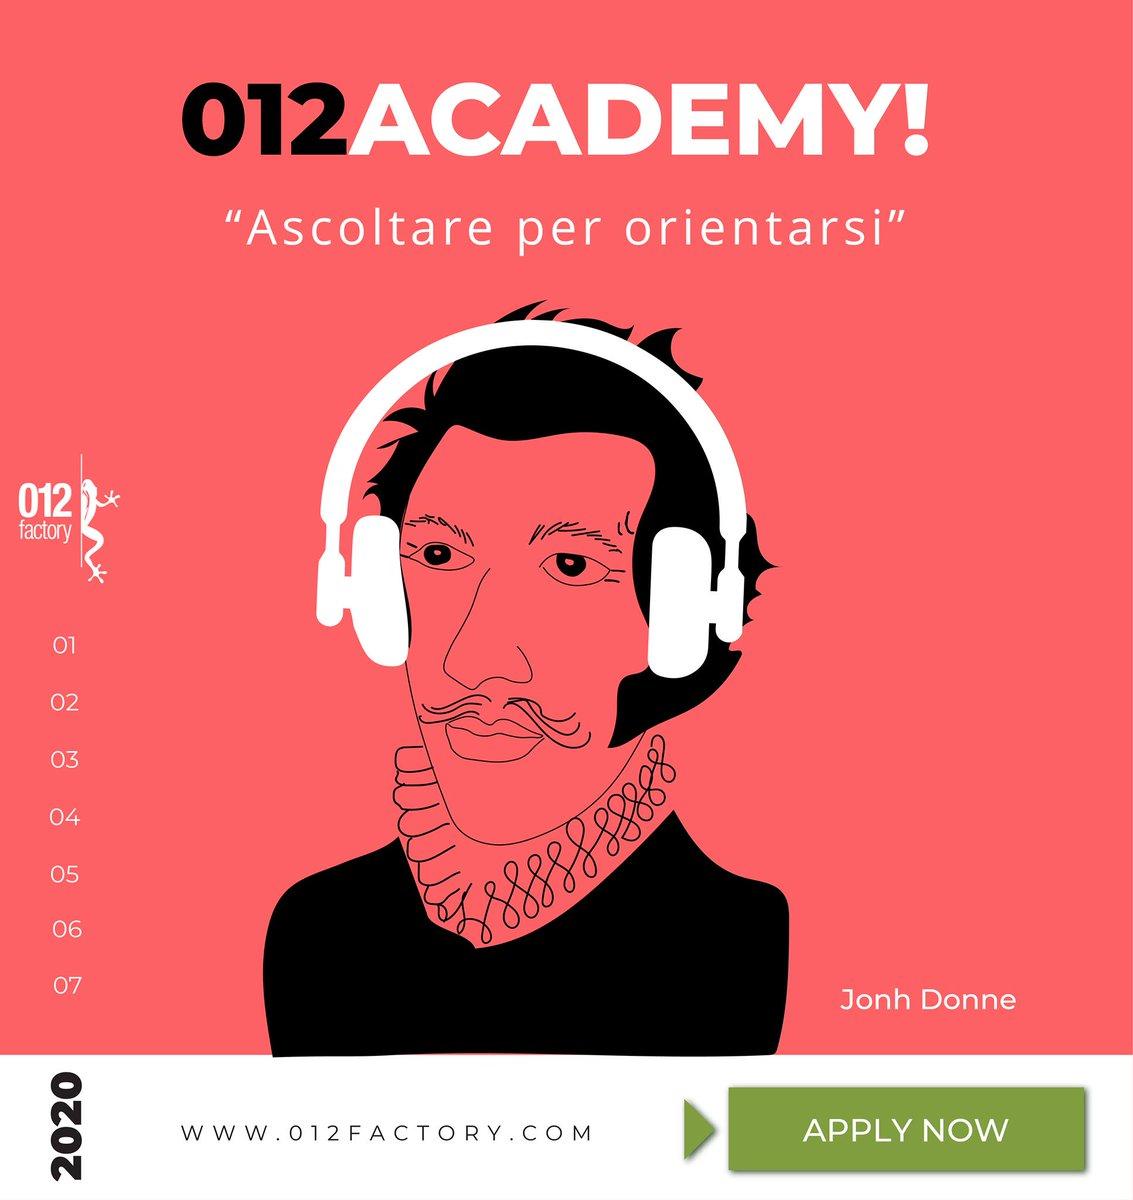 Invia la tua candidatura per la settima edizione dell'Academy imprenditoriale 012 e sarai ricontattato per un colloquio! https://t.co/FGzBLuEFBl https://t.co/ZYZiGX6KRt